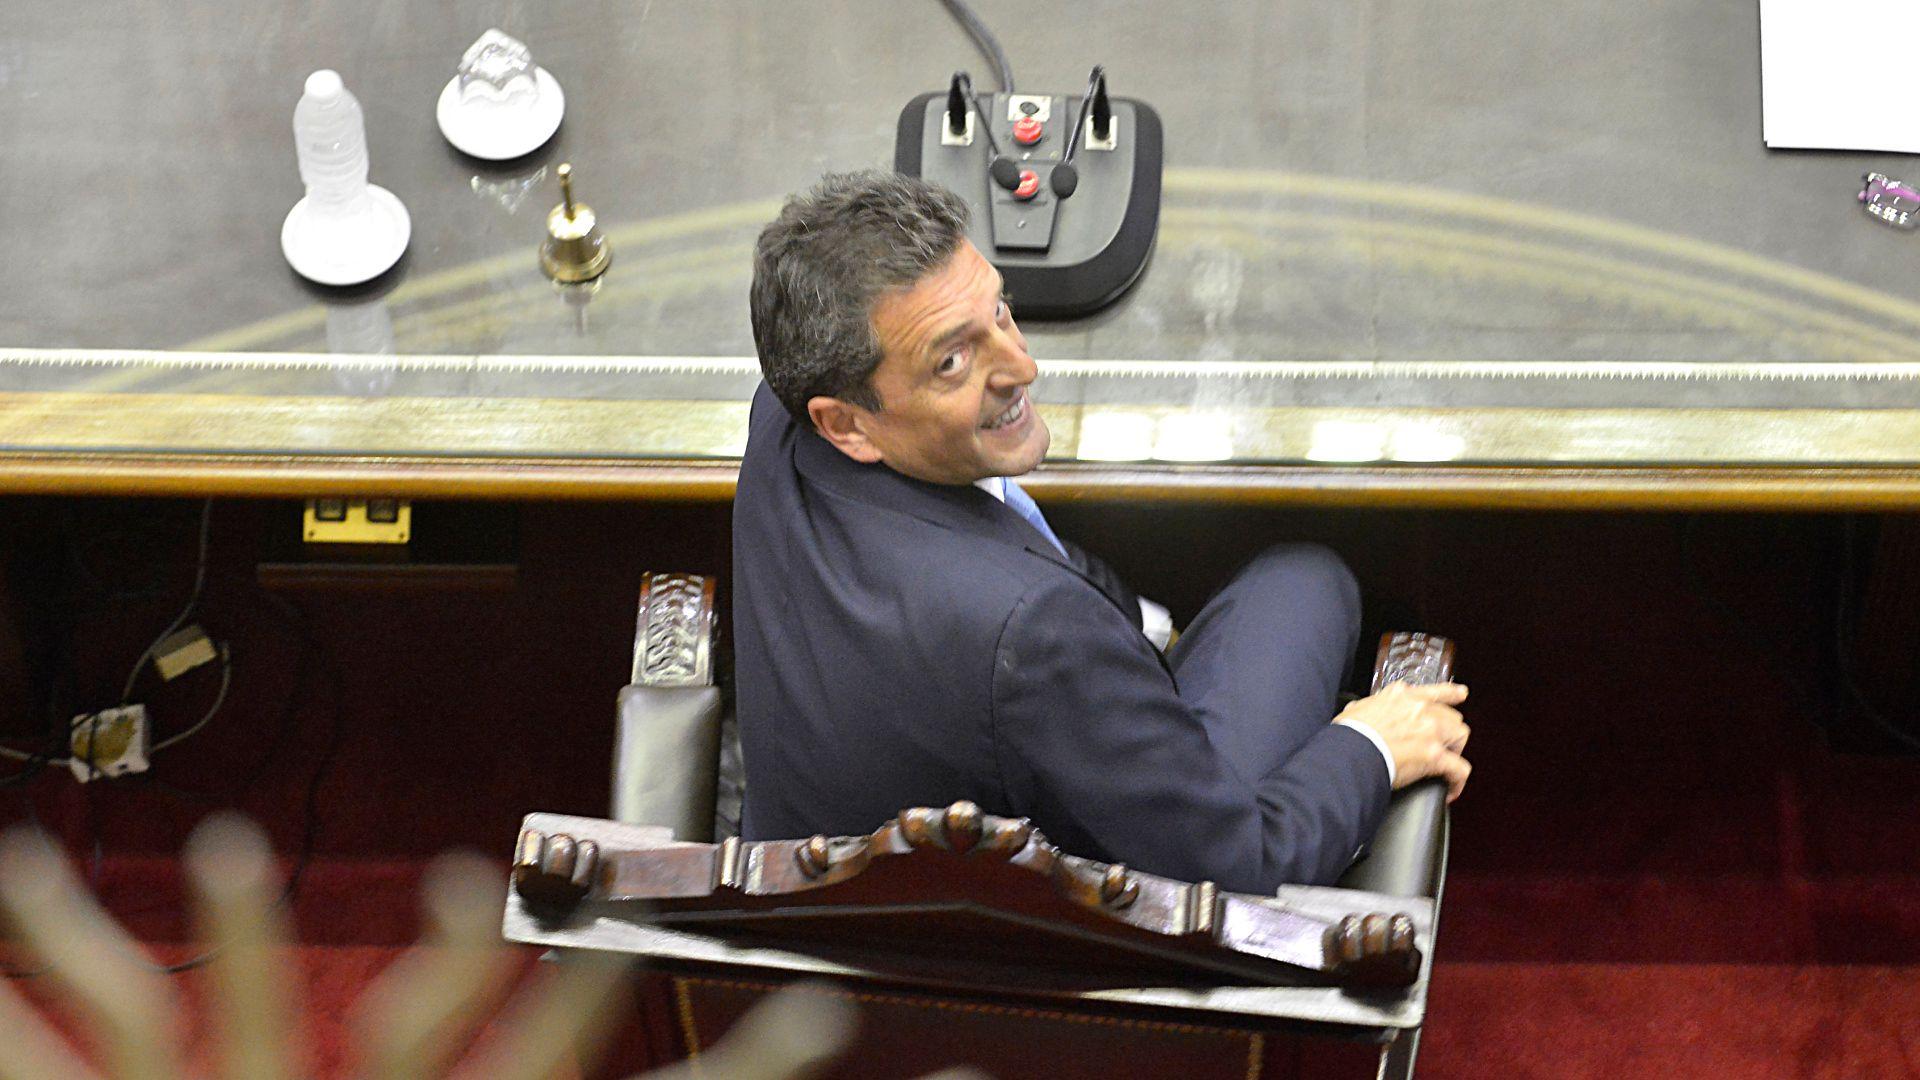 El presidente de la Cámara de Diputados, Sergio Massa, prepara el listado de temas para extraordinarias